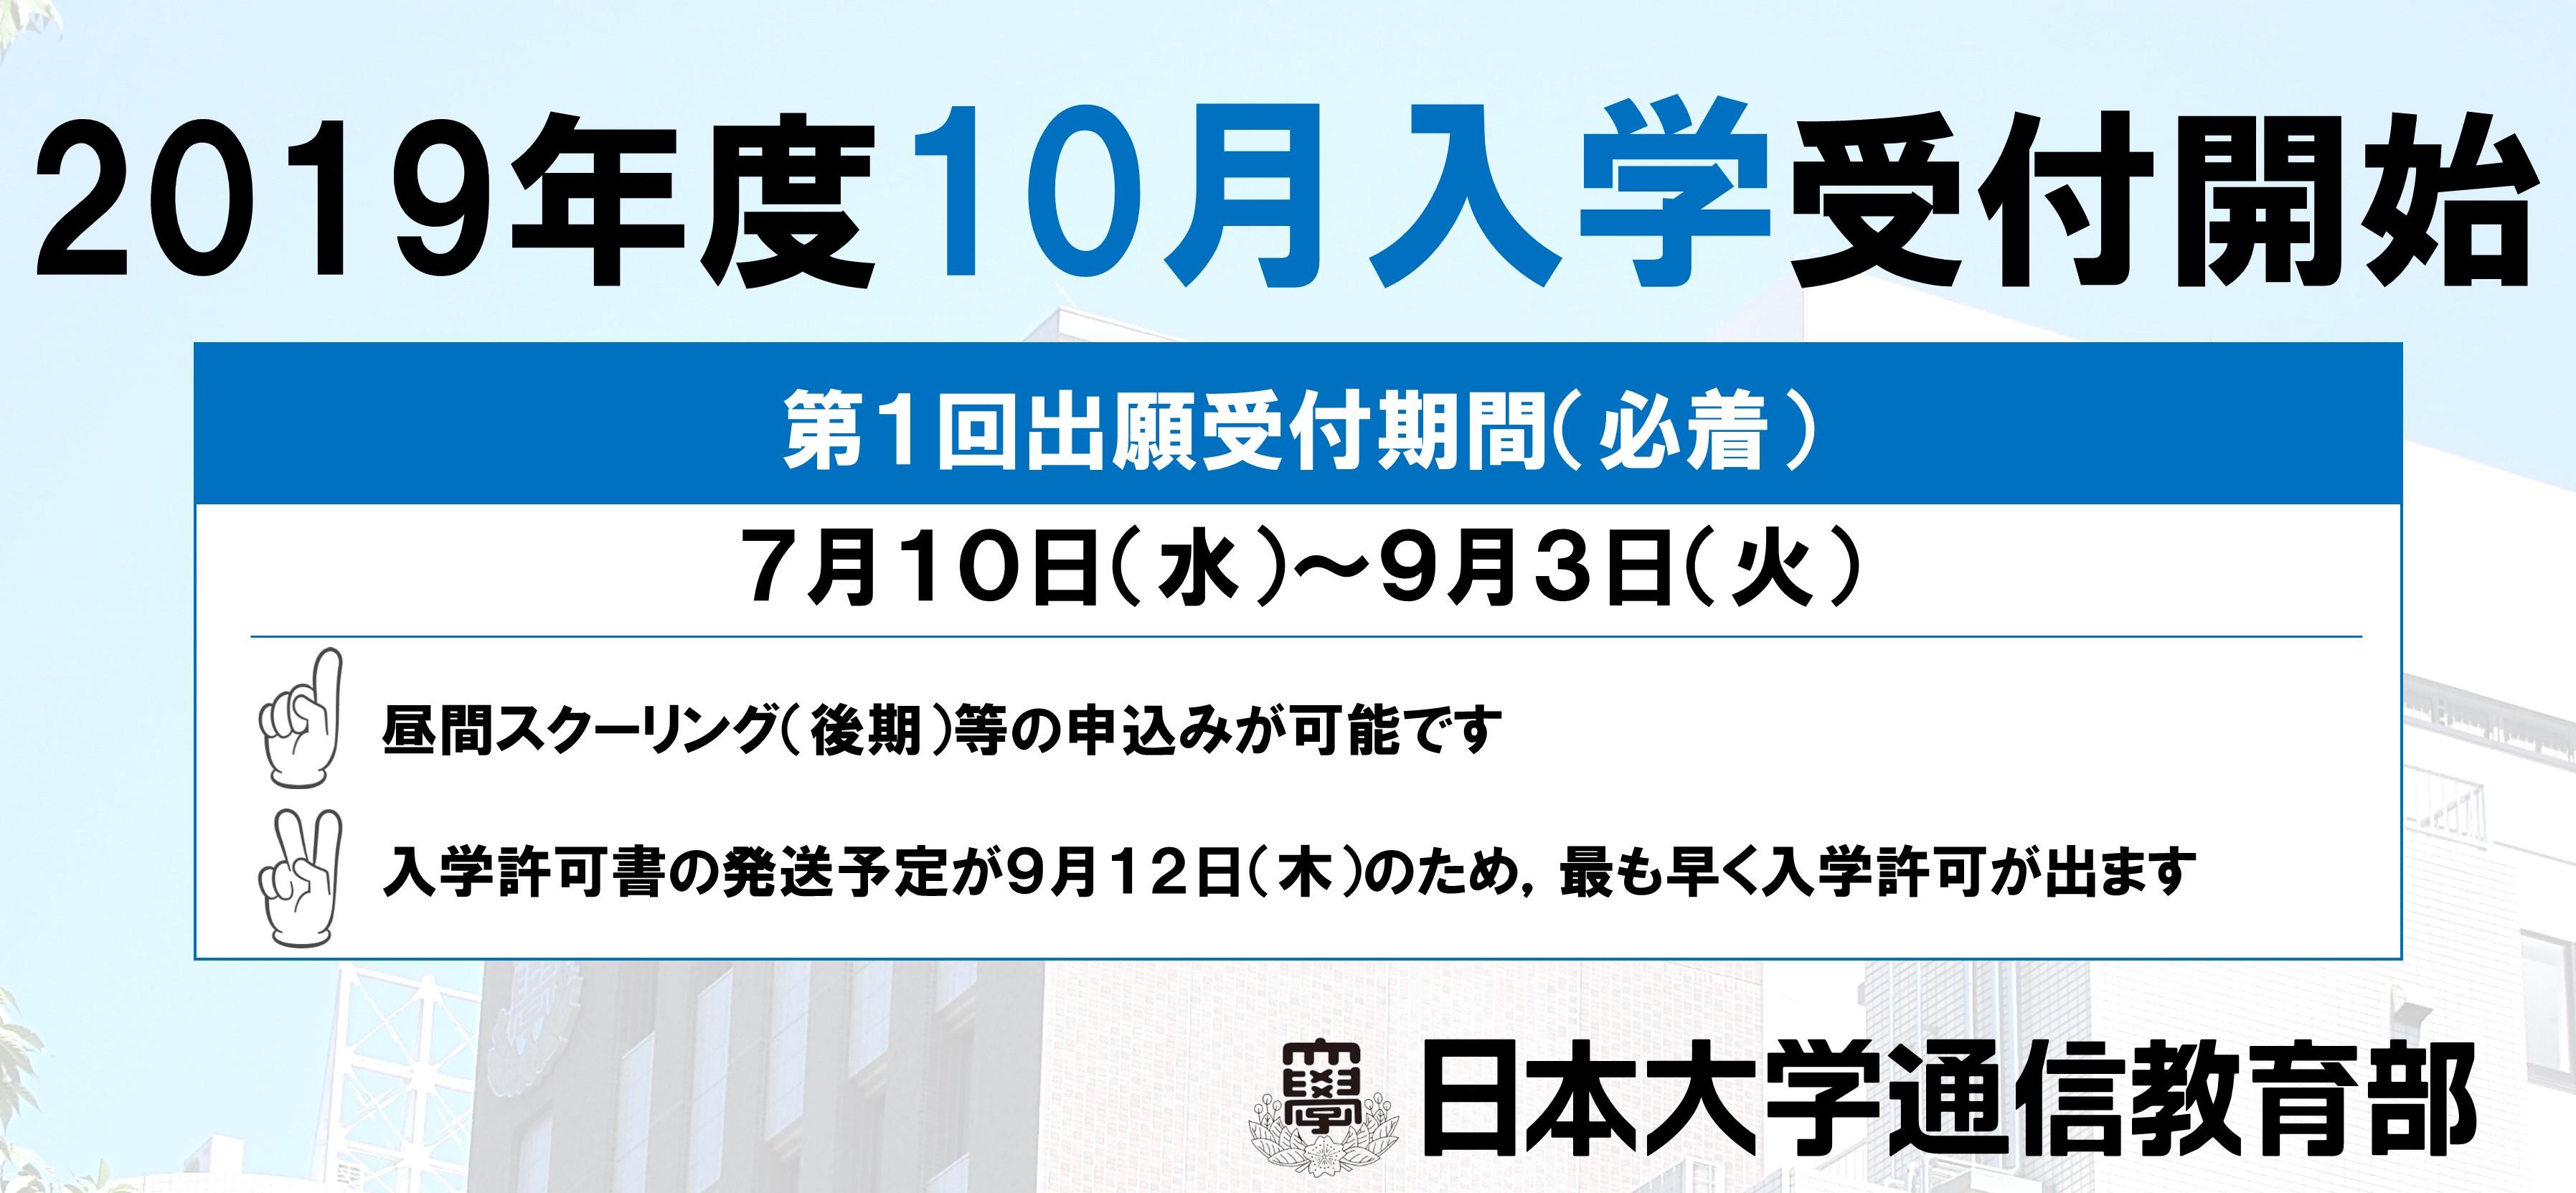 2019年度10月入学受付開始(第1回)